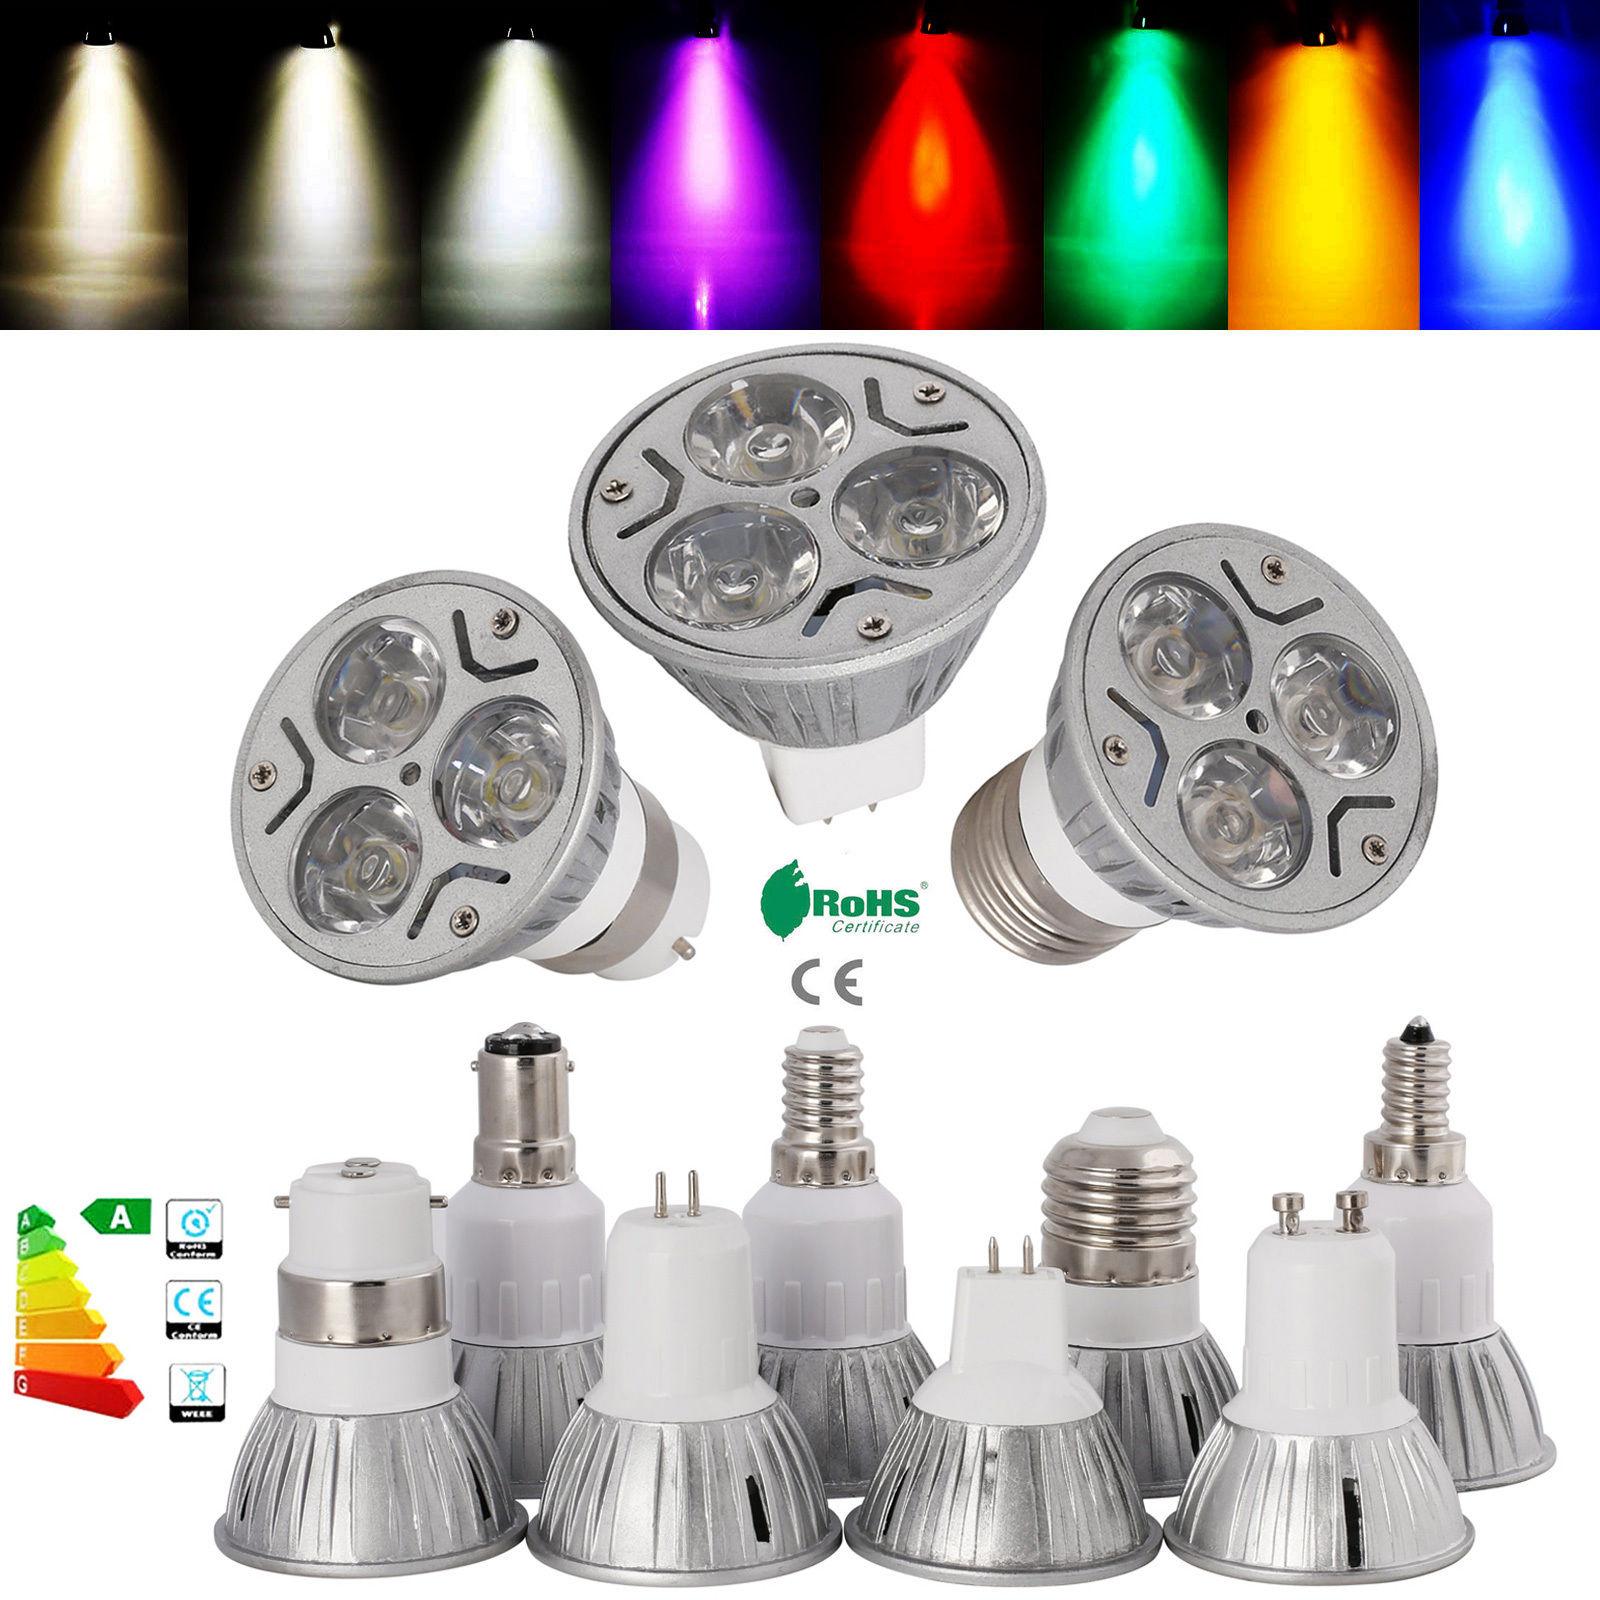 energieeinsparung led dimmbar e14 e27 gu10 gu5 3 b22 spotlicht 3w cree licht ebay. Black Bedroom Furniture Sets. Home Design Ideas